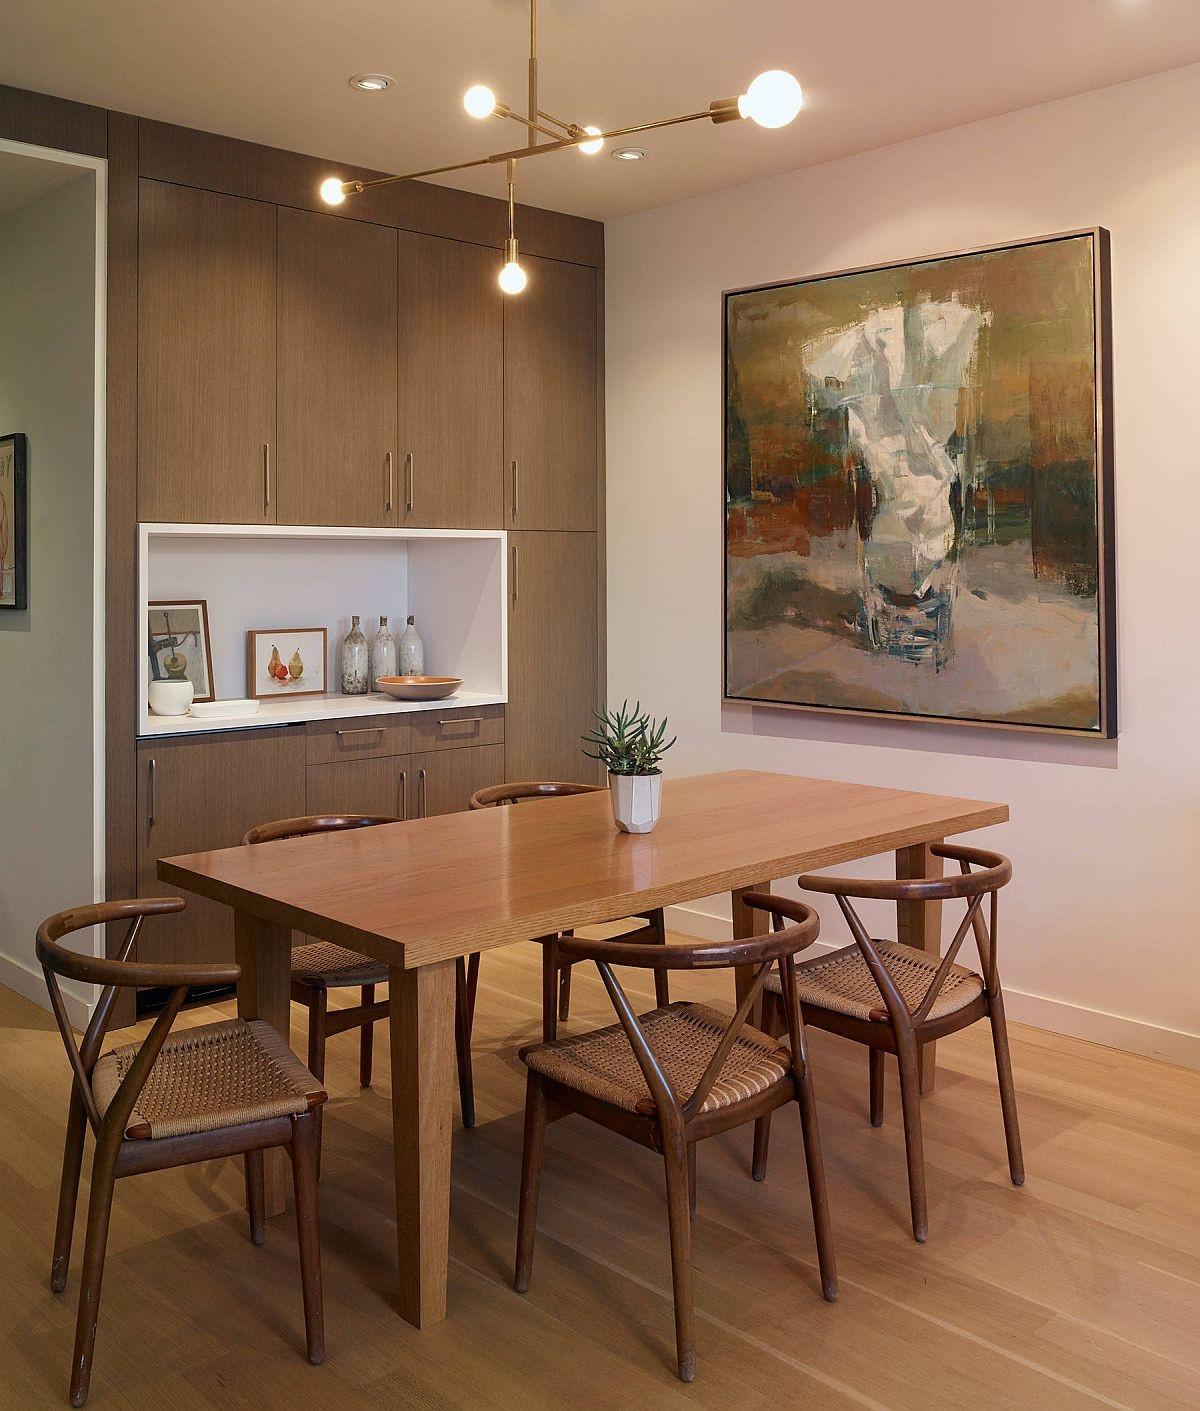 Phòng ăn với những chiếc bàn ghế gỗ tạo nên sự mộc mạc, gần gũi.